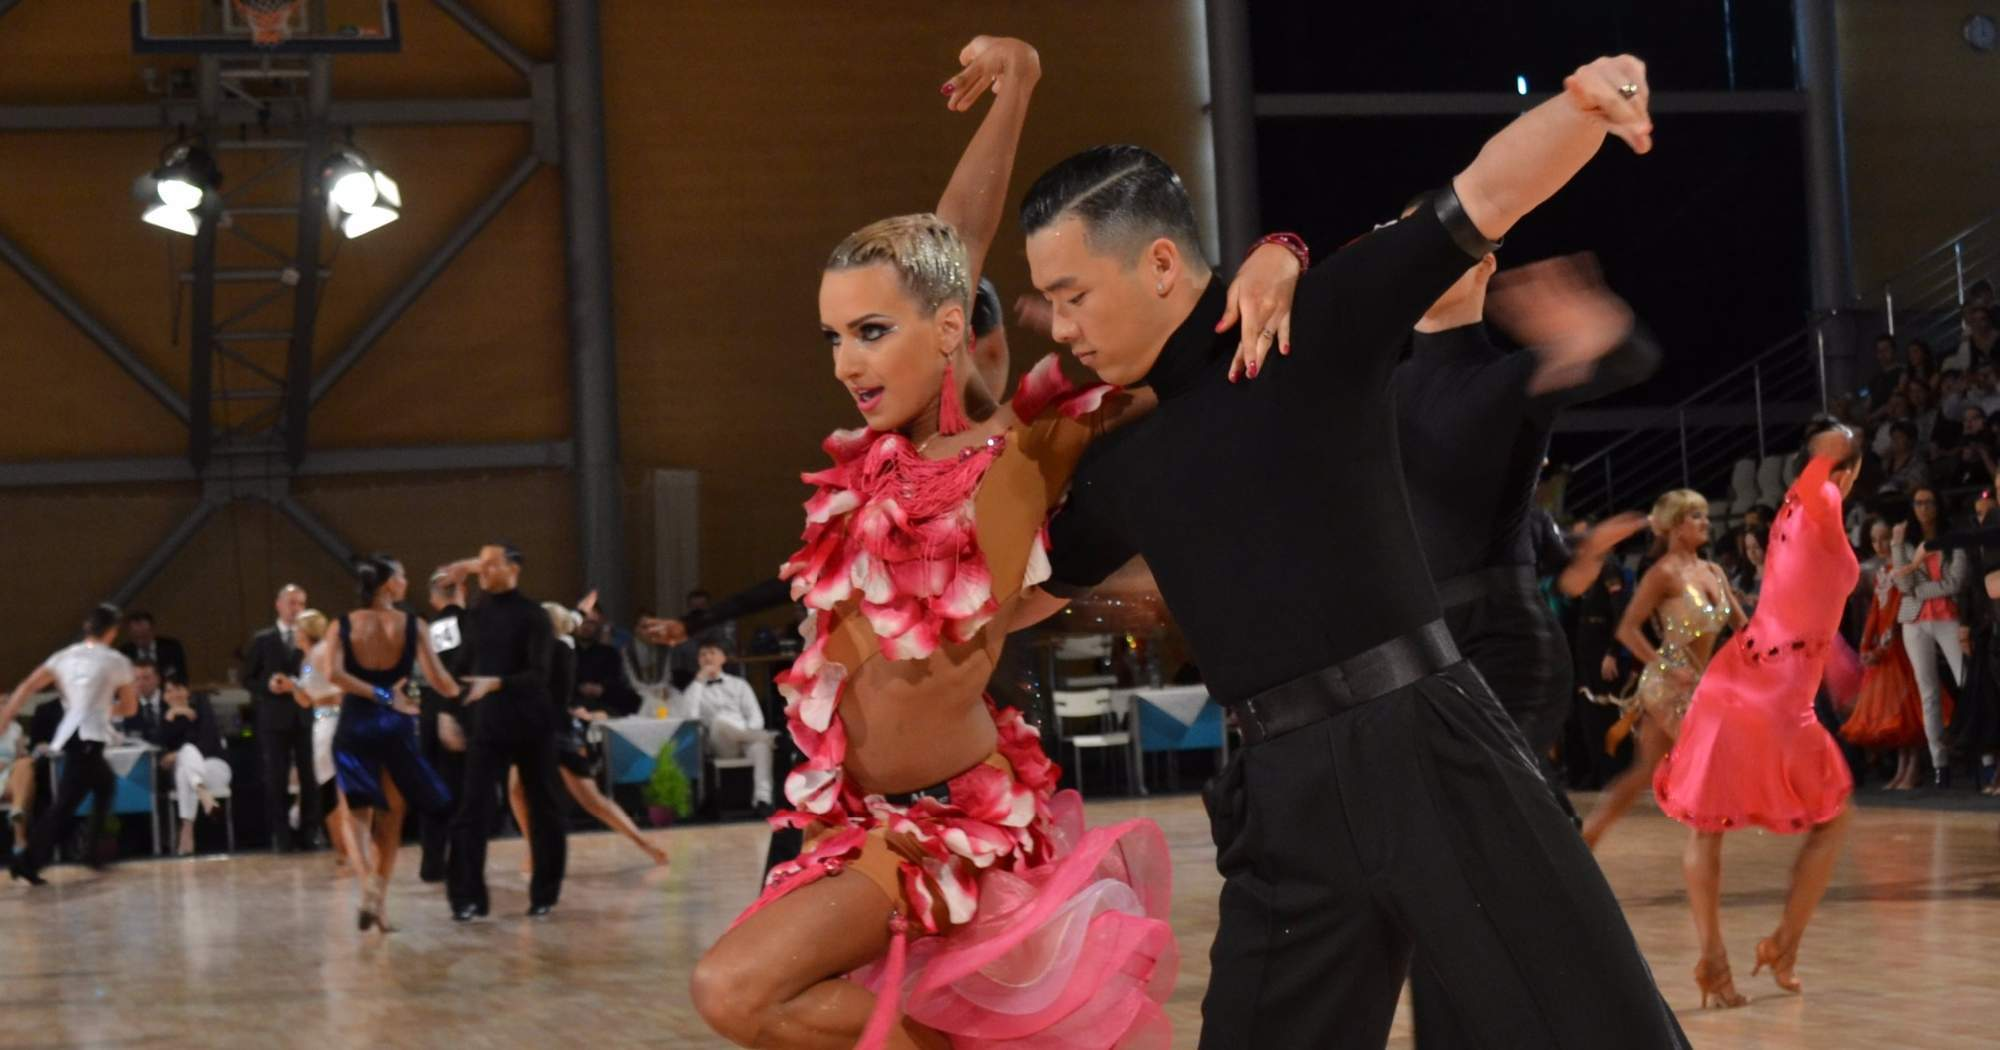 Taneční z celého světa přijeli na patnáctý ročník Brno Open 2017. Foto: Klára Vašíčková